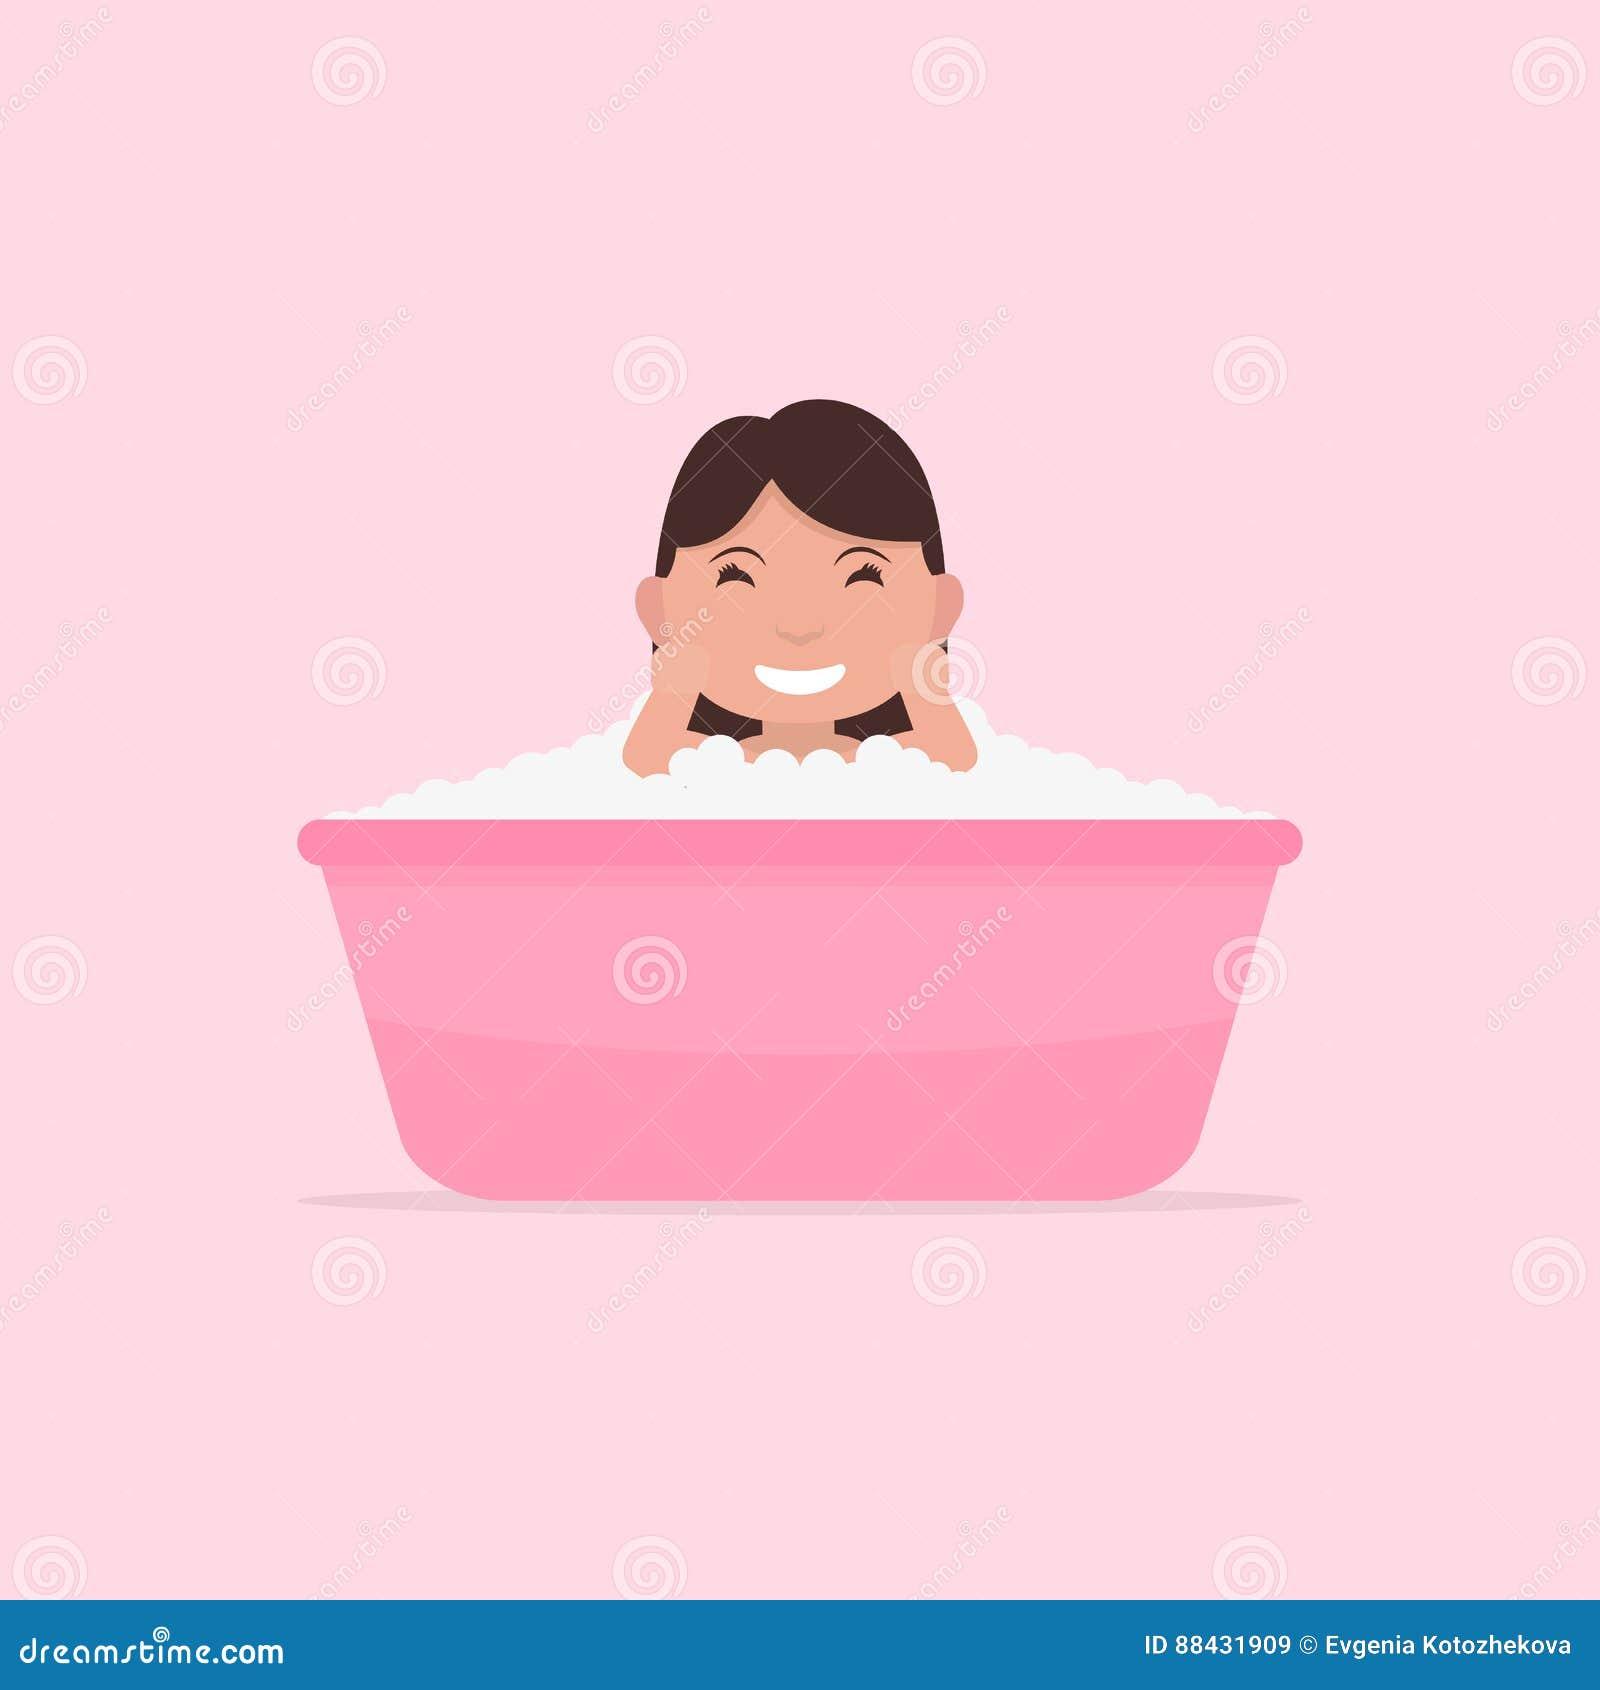 happy cartoon baby kid in bath tub cartoon vector 33551975. Black Bedroom Furniture Sets. Home Design Ideas